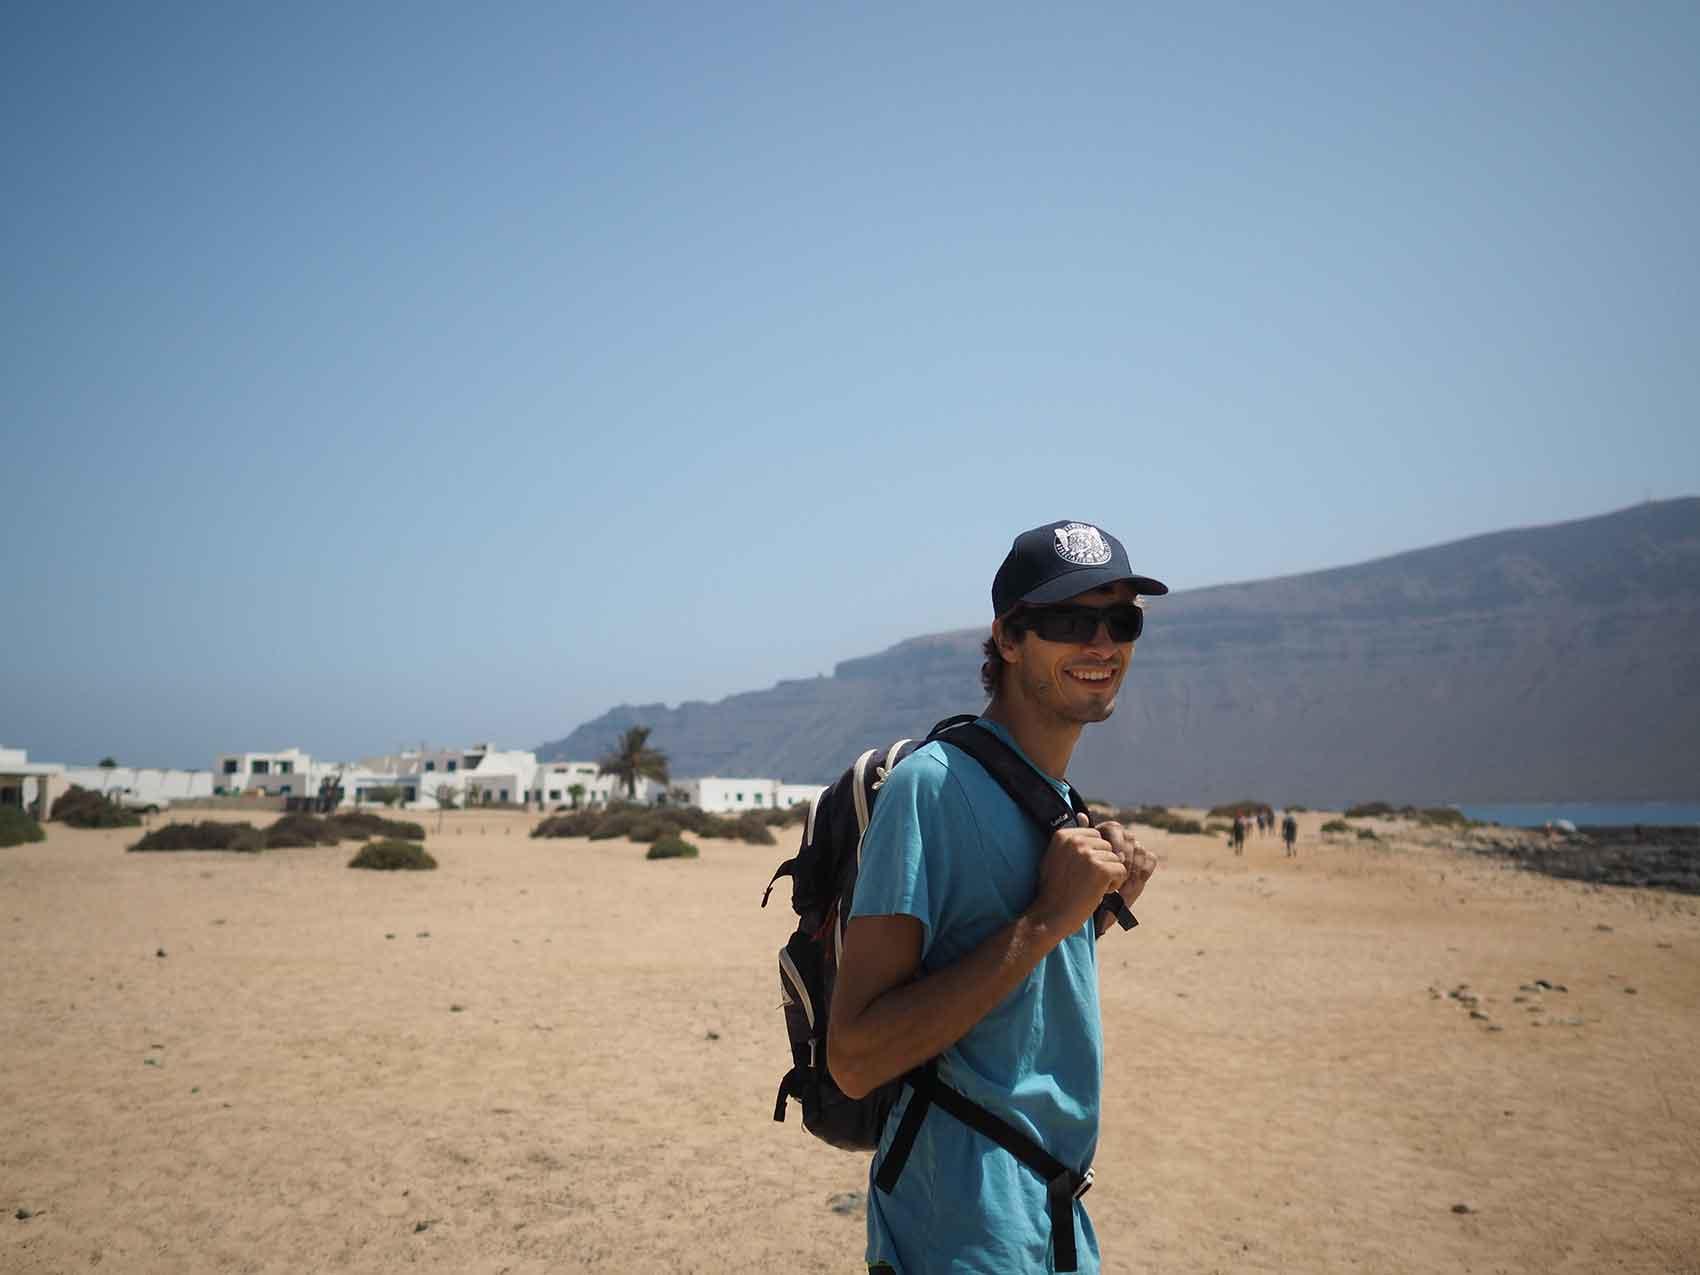 Damien sur l'île de La Graciosa, au nord des îles Canaries, devant le petit village Caleta del Sebo.